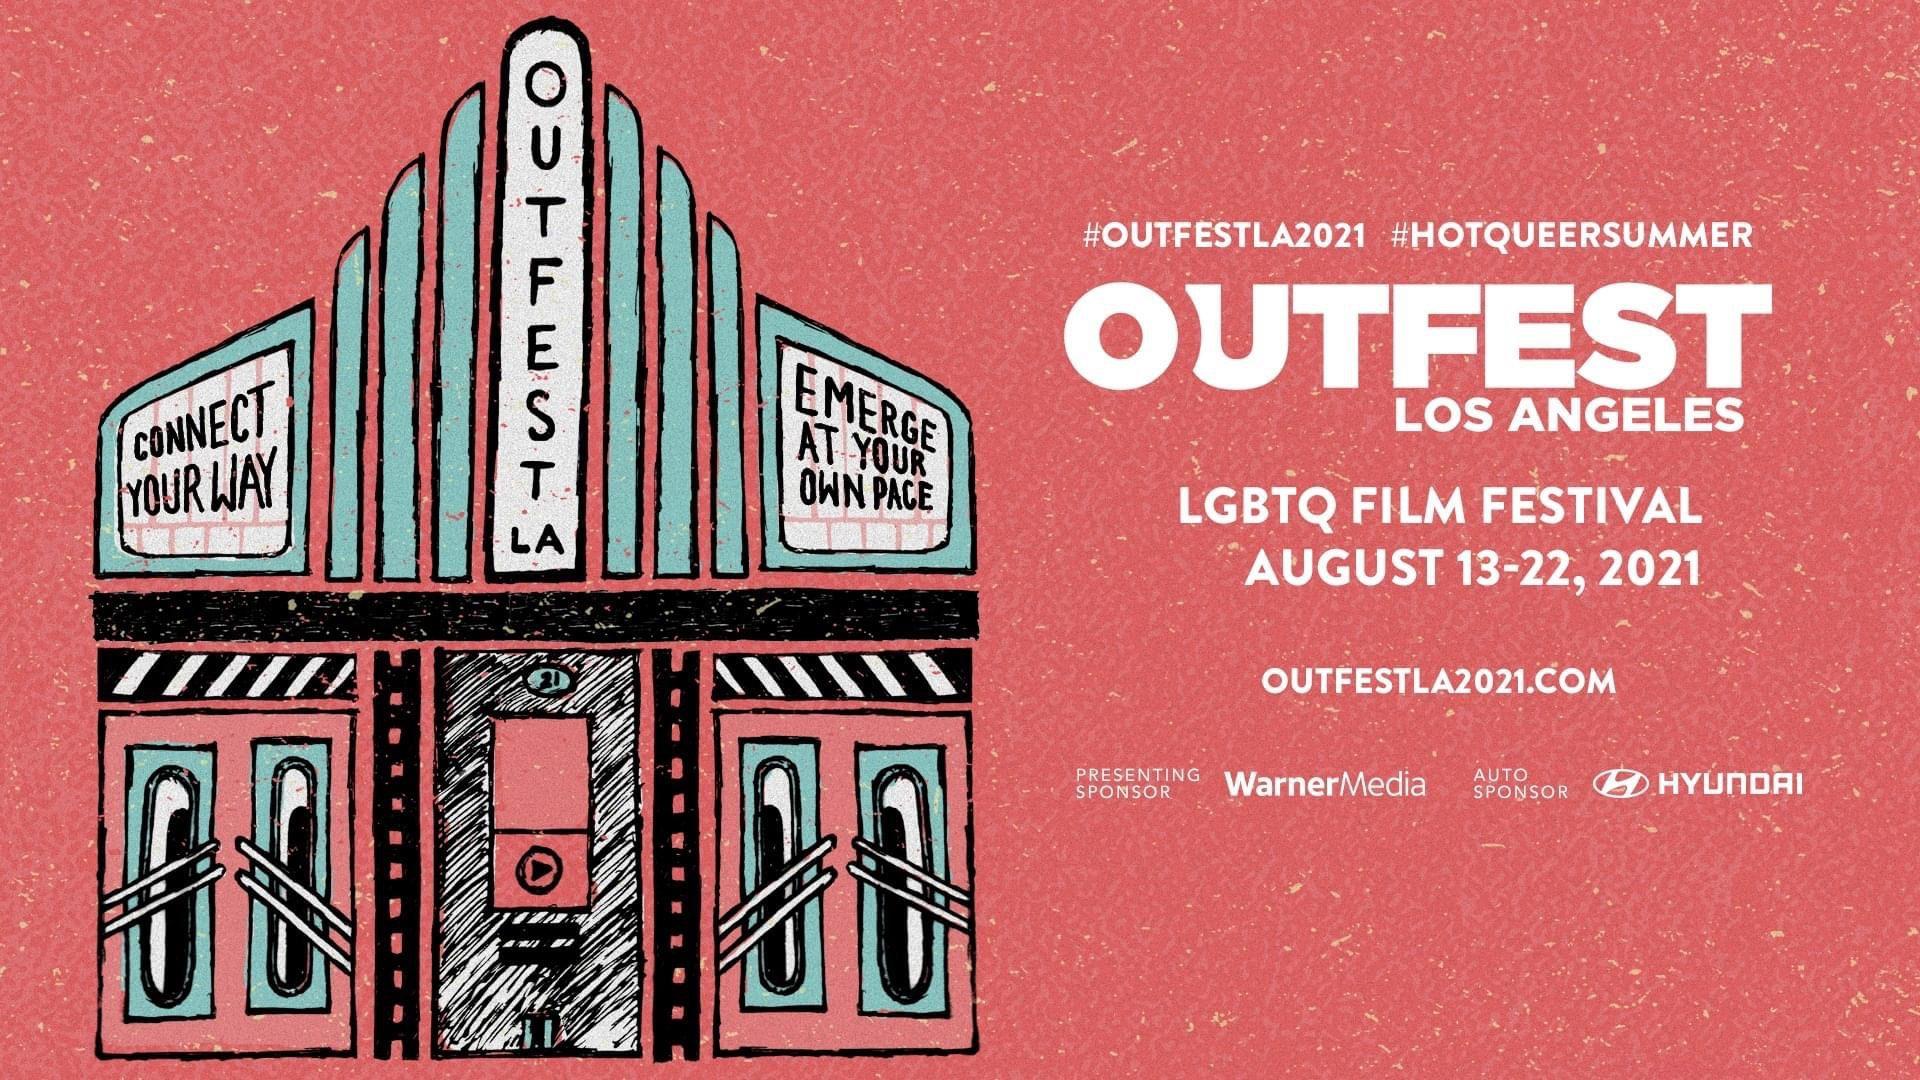 OutFest LA 2021